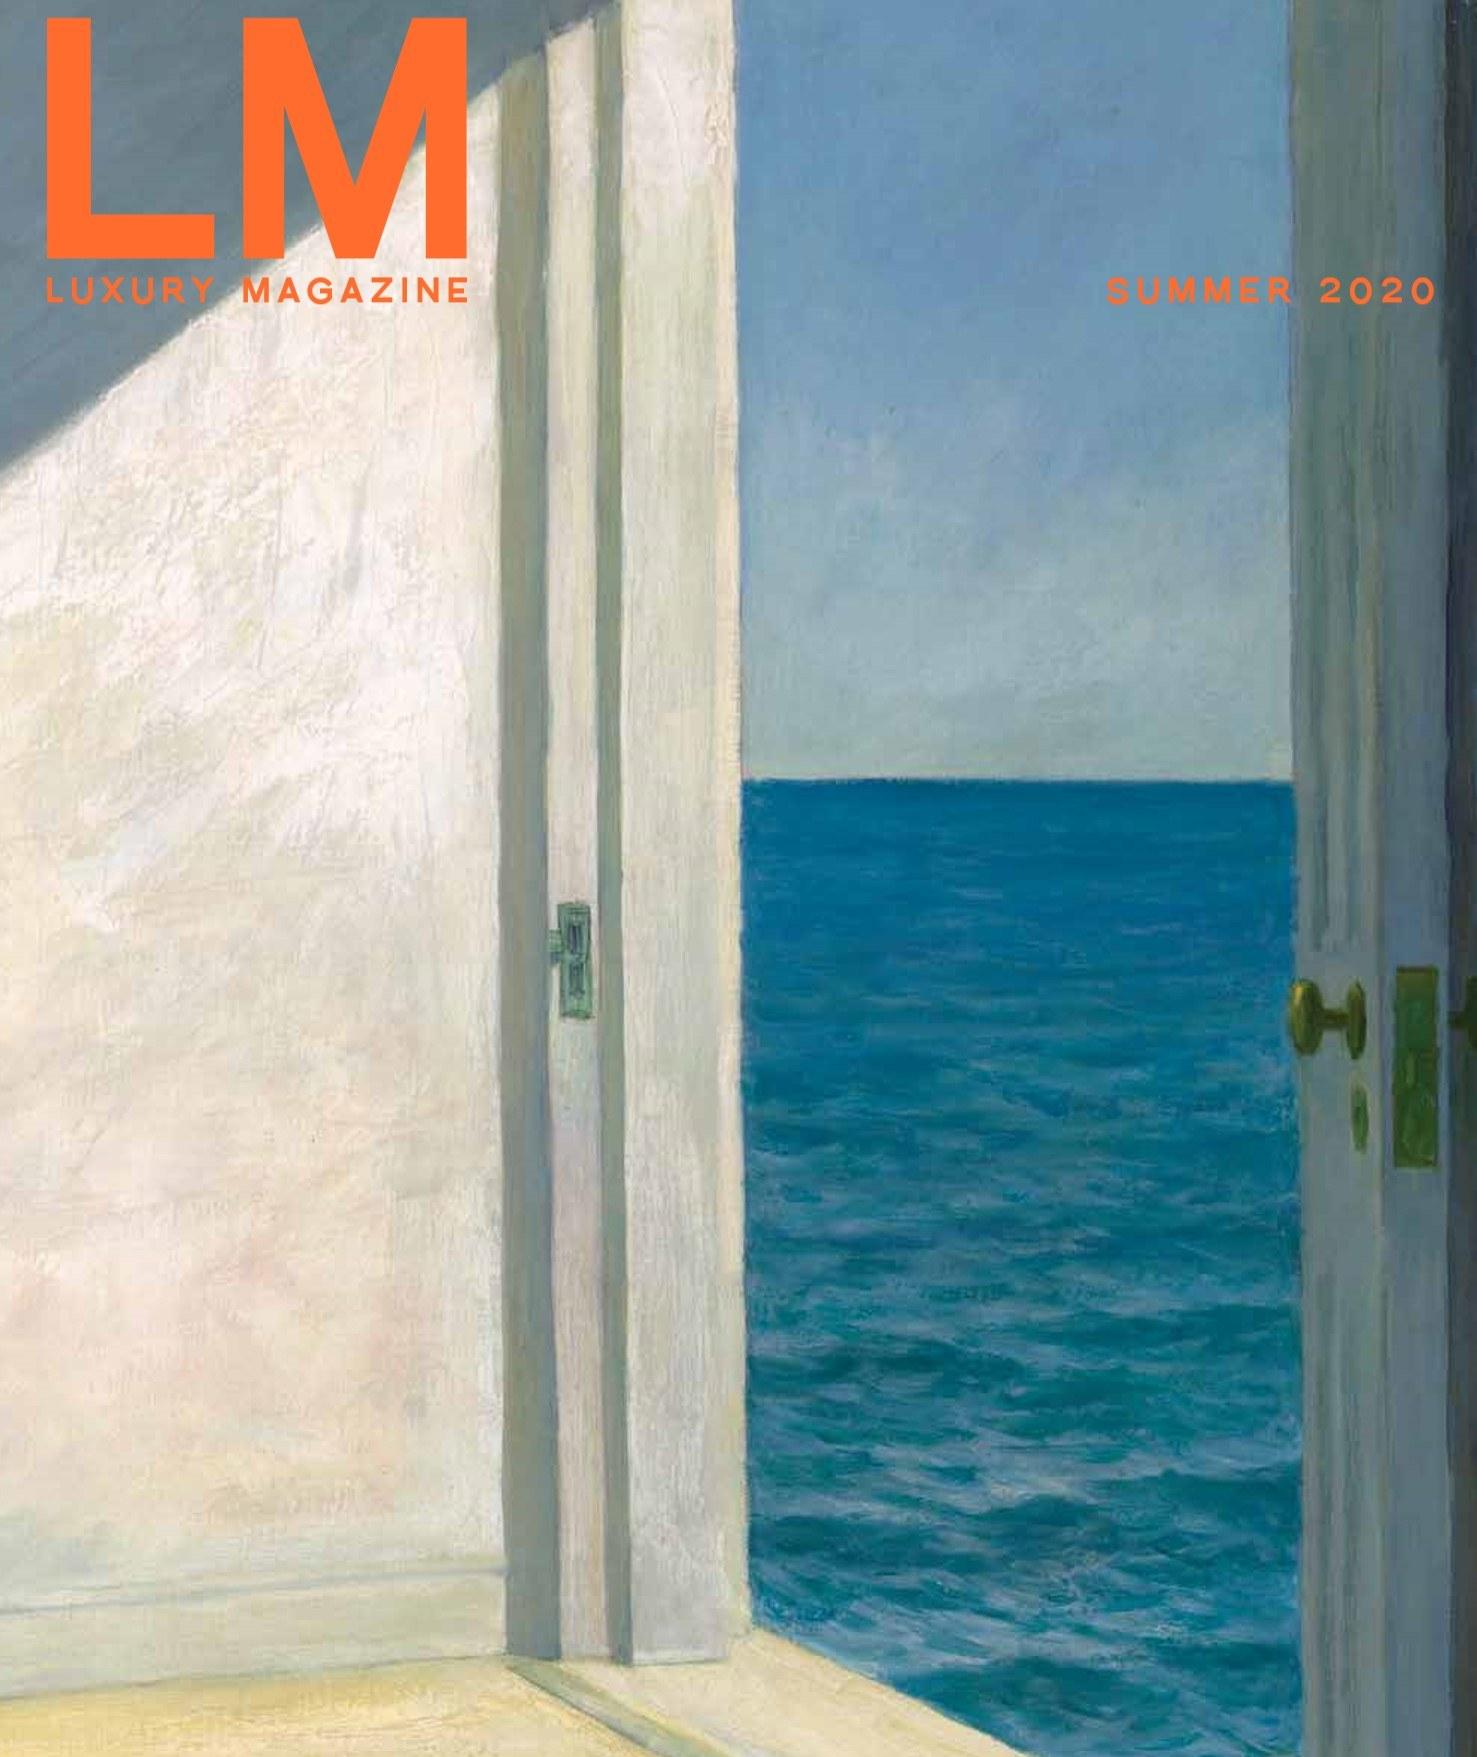 Luxury-Magazine.jpg